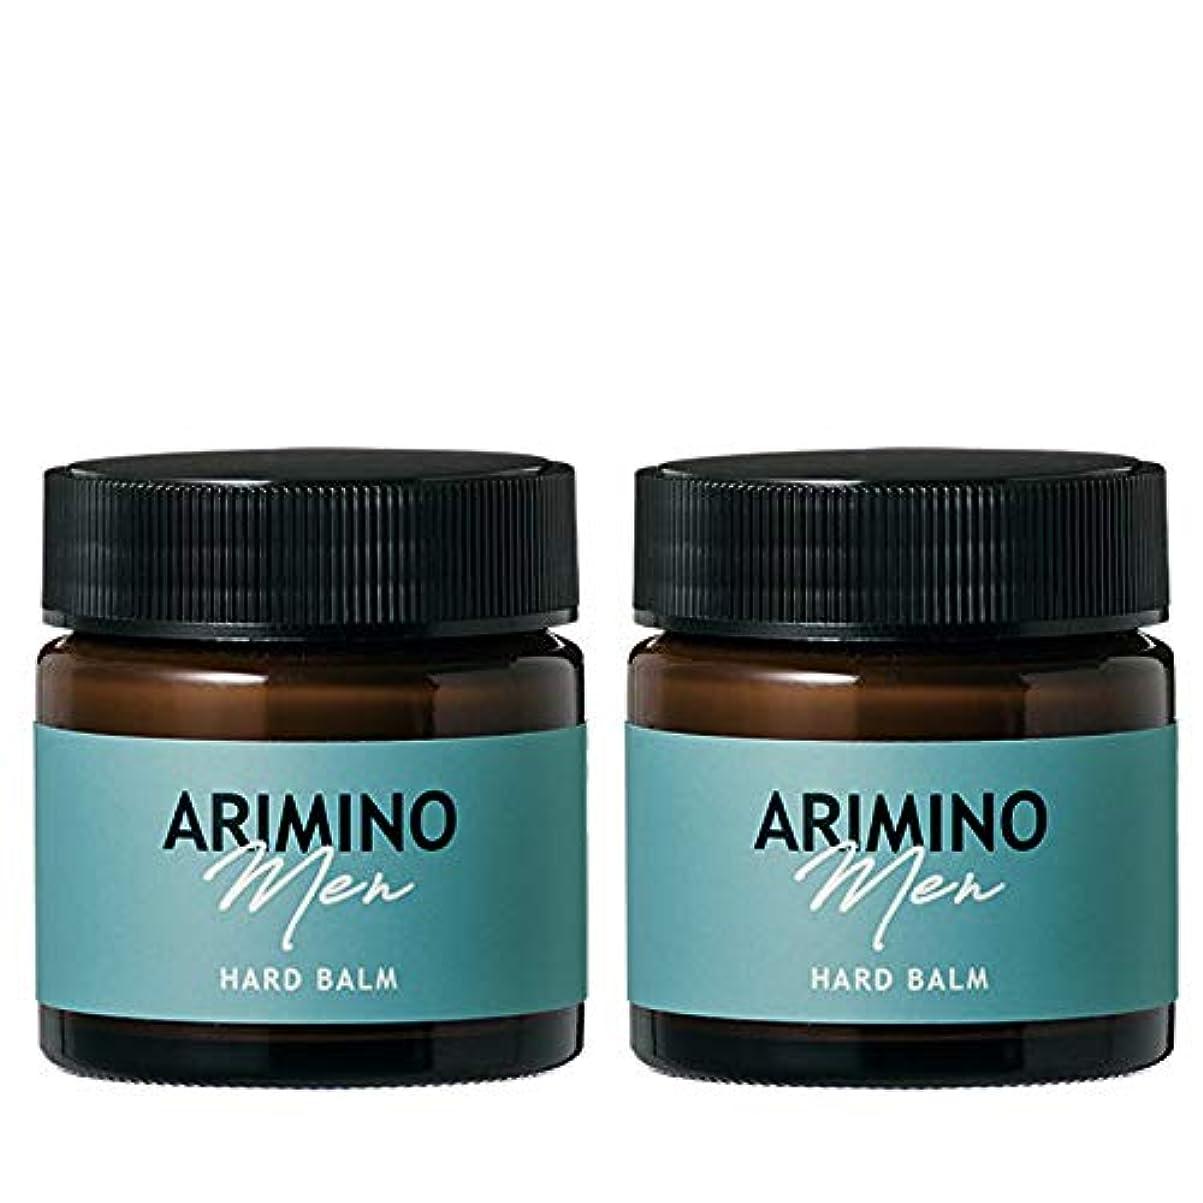 ニコチン料理信頼性アリミノ メン ハード バーム 60g ×2個 セット arimino men